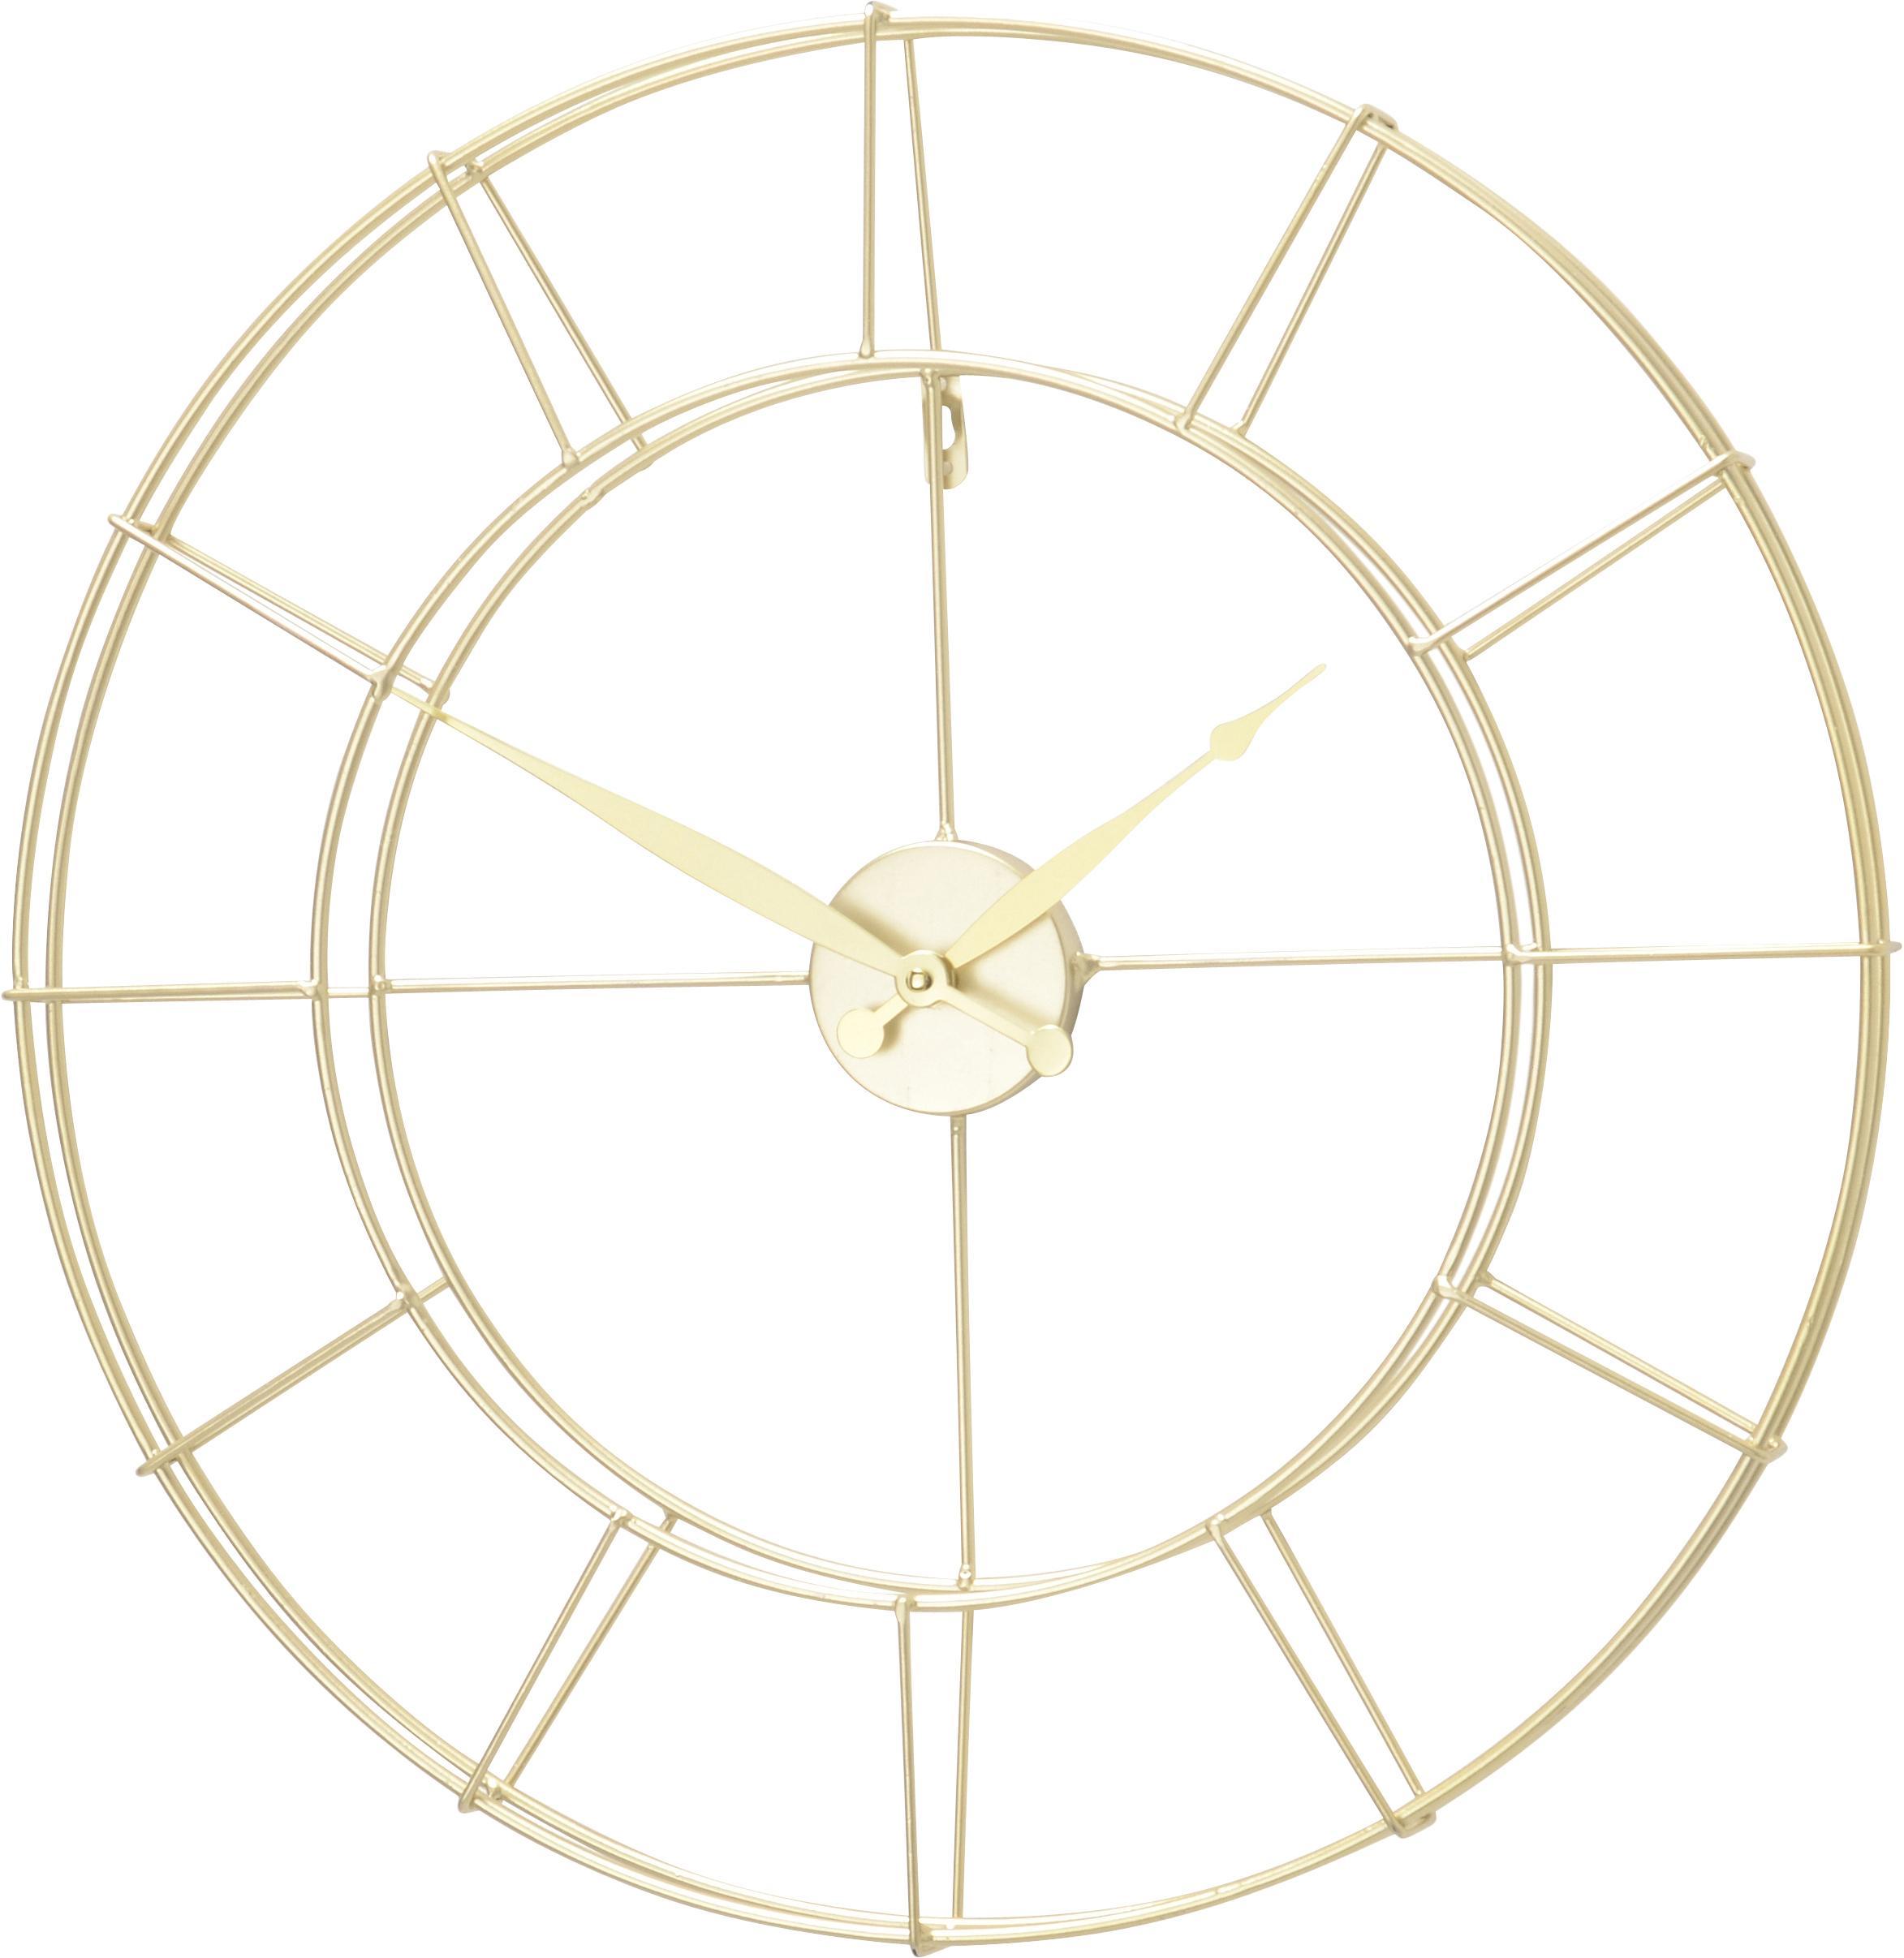 Orologio da parete Alisha, Metallo rivestito, Dorato, Ø 57 cm